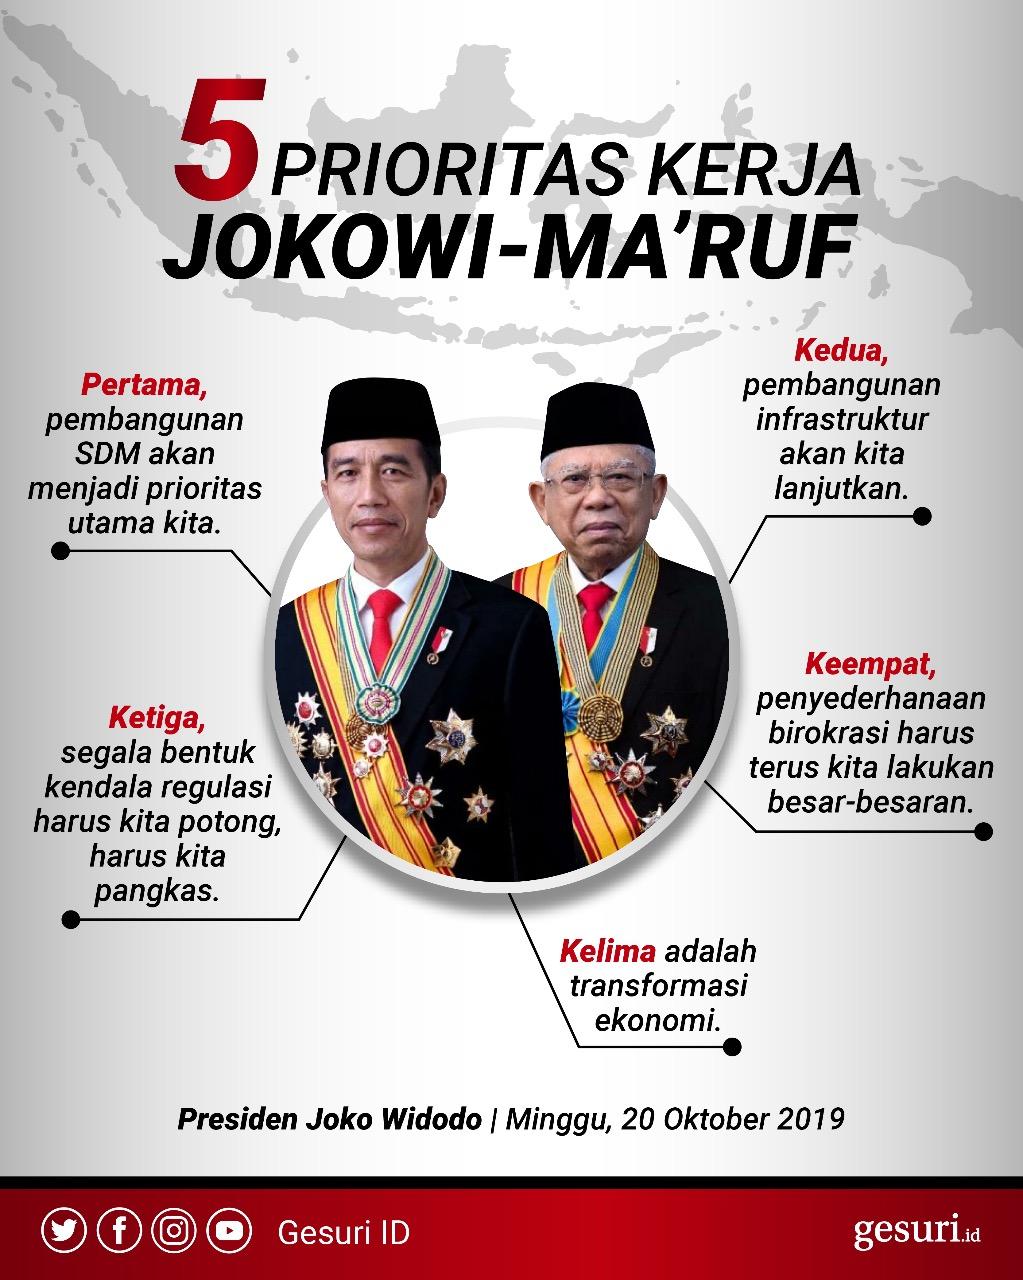 5 Prioritas Kerja Jokowi-Ma'ruf